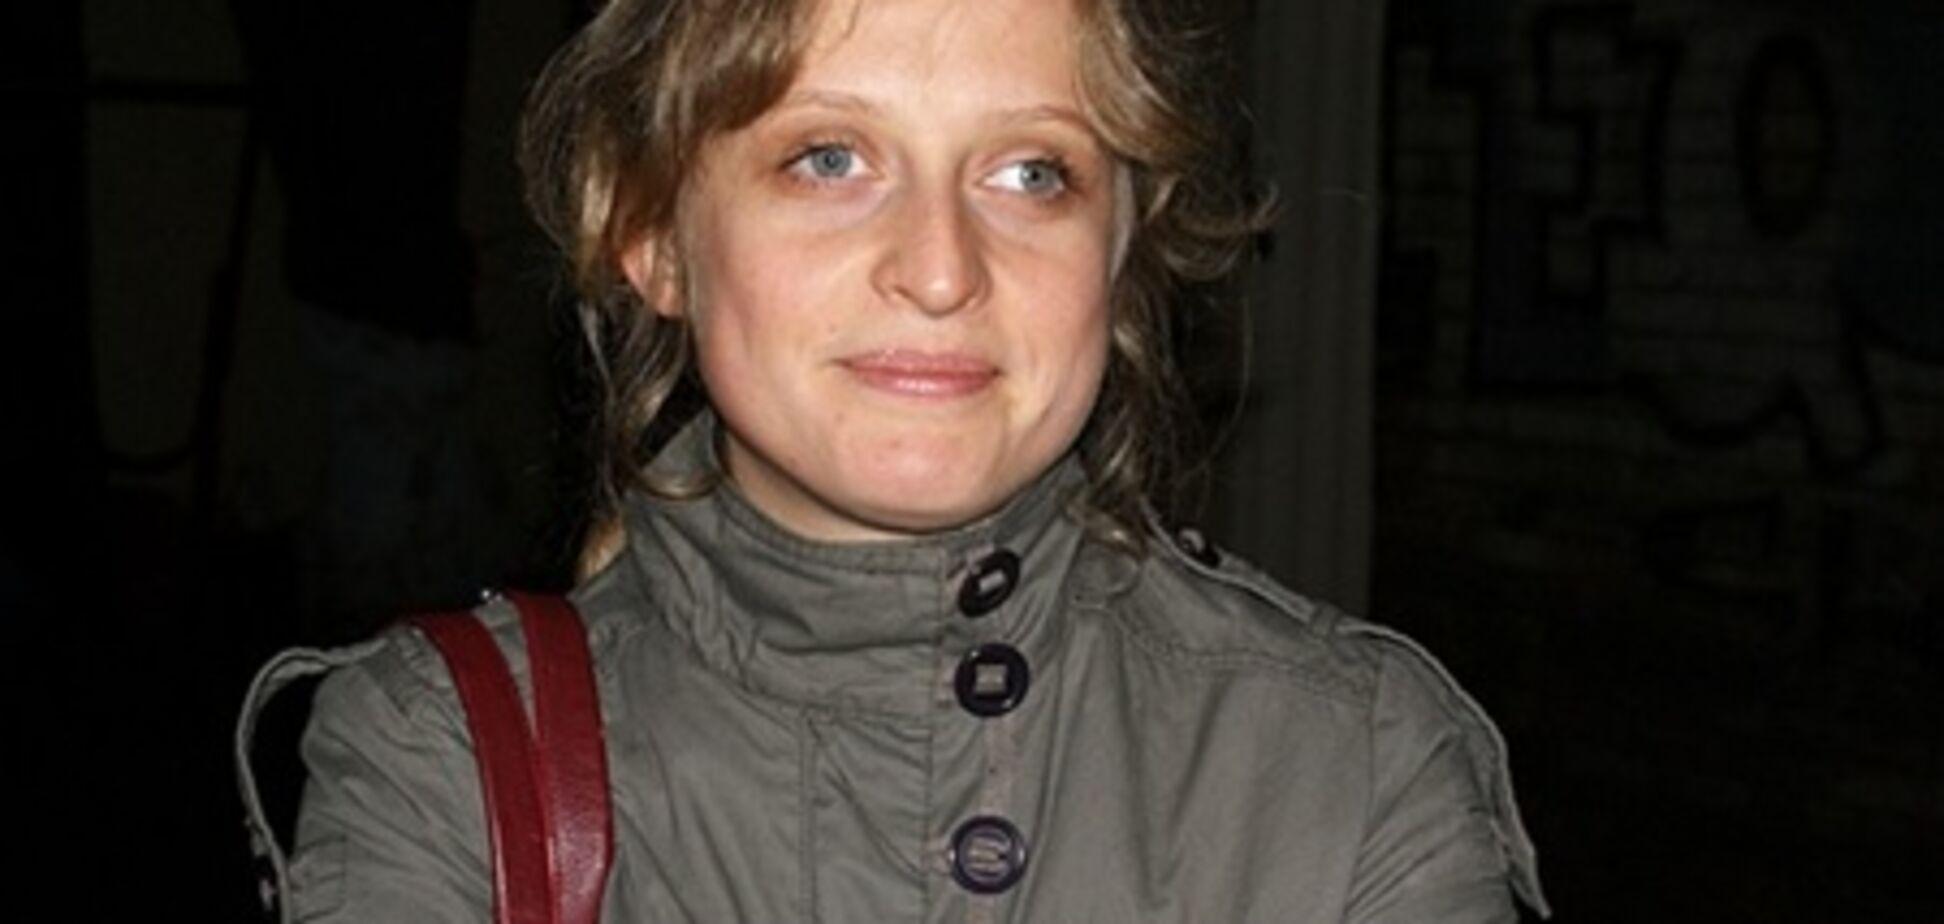 Під час теракту в 'Домодєдово' загинула відома українська поетеса та журналістка